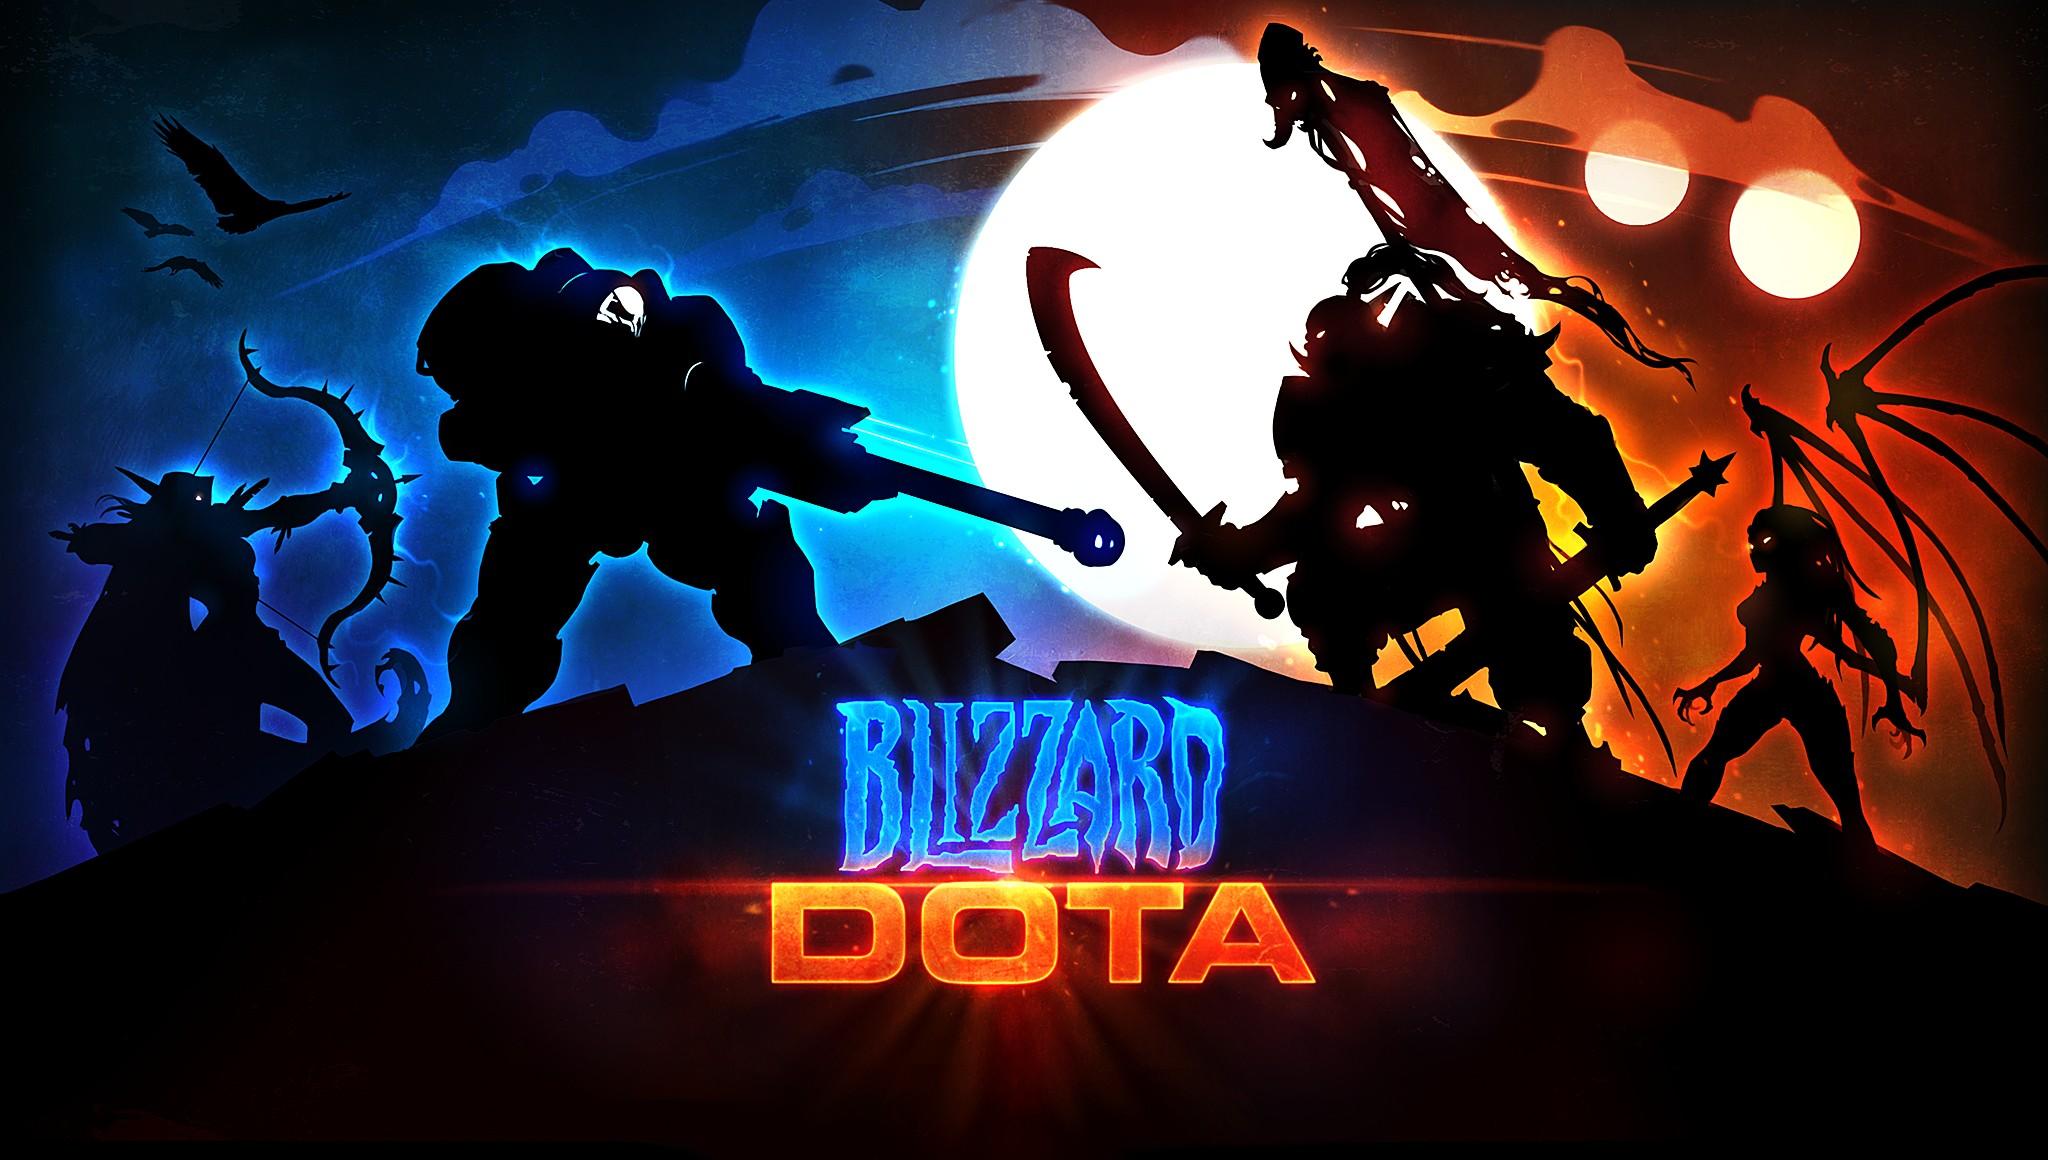 Screenshot de Blizzard DOTA à la BlizzCon 2011.